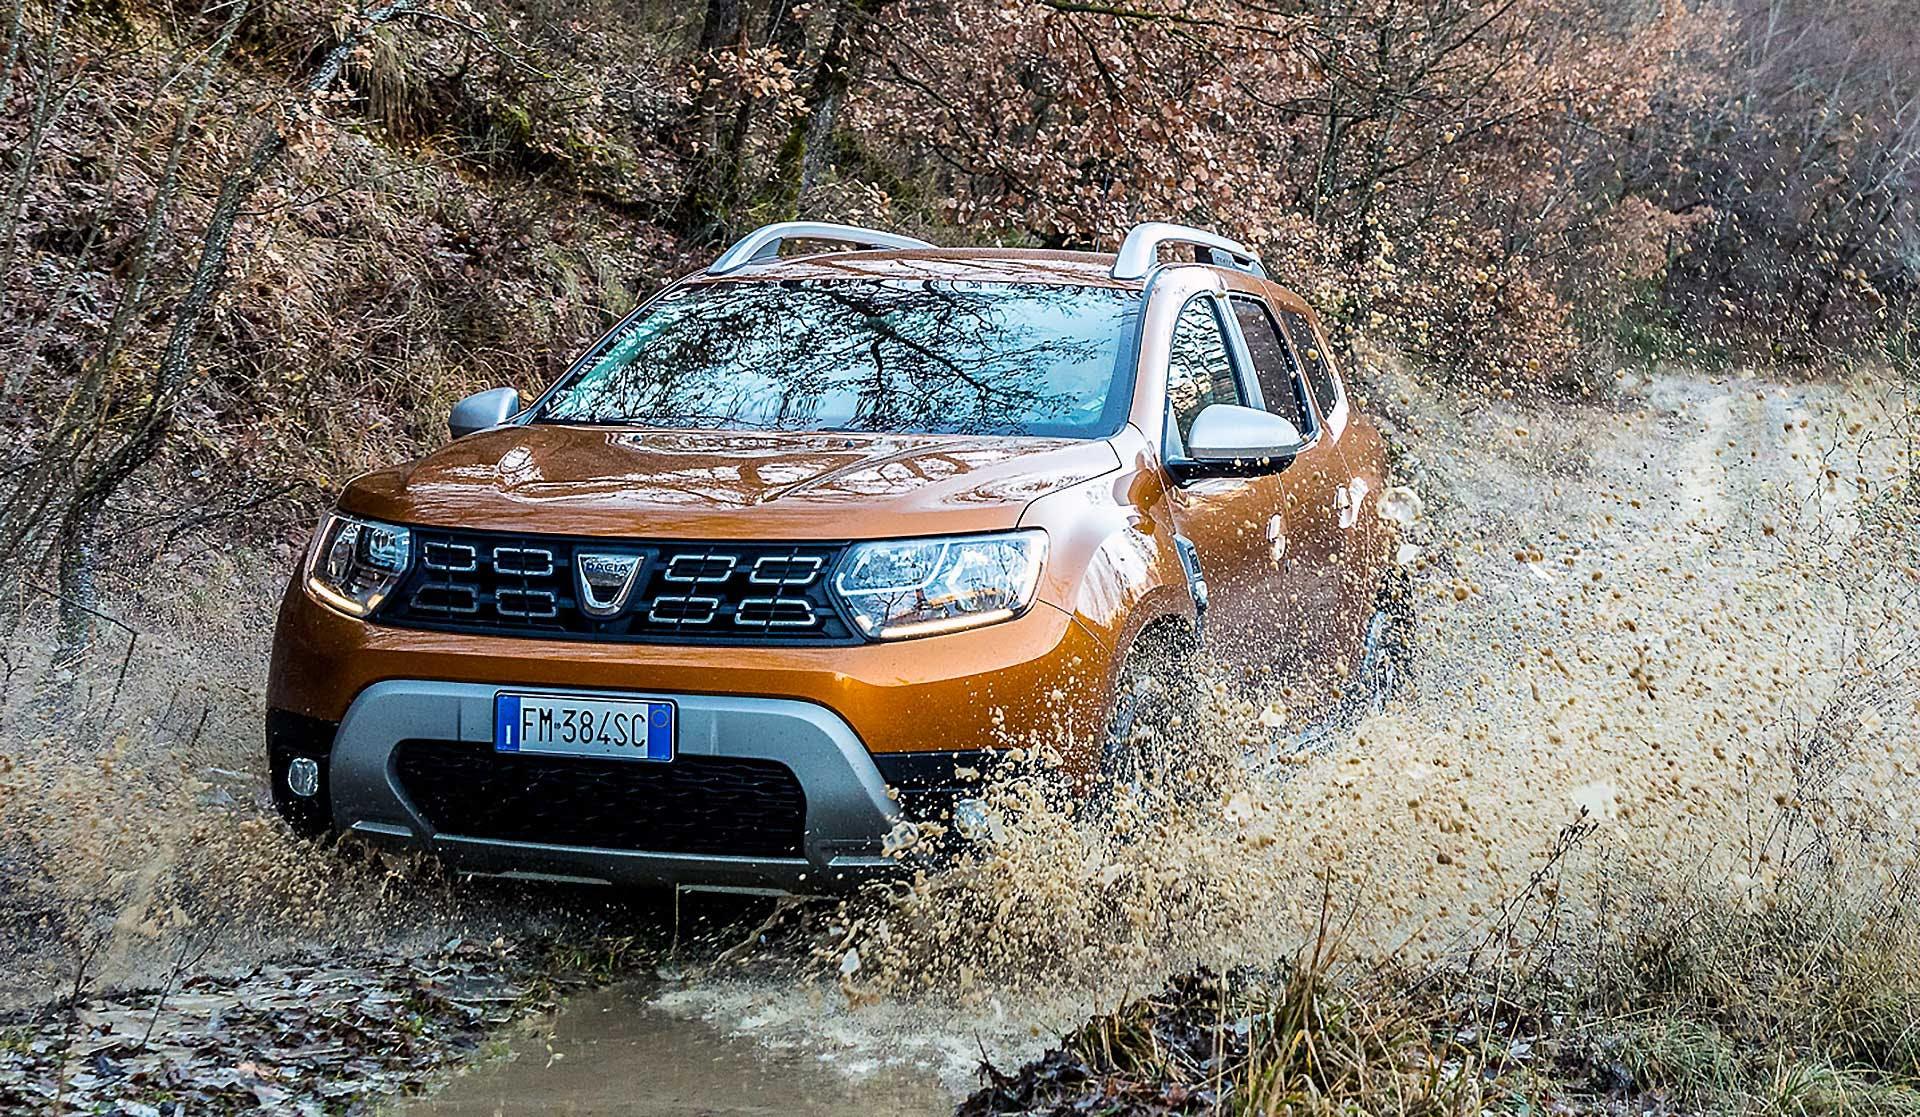 Dacia Duster 2018 gialla fuoristrada con pozzanghera